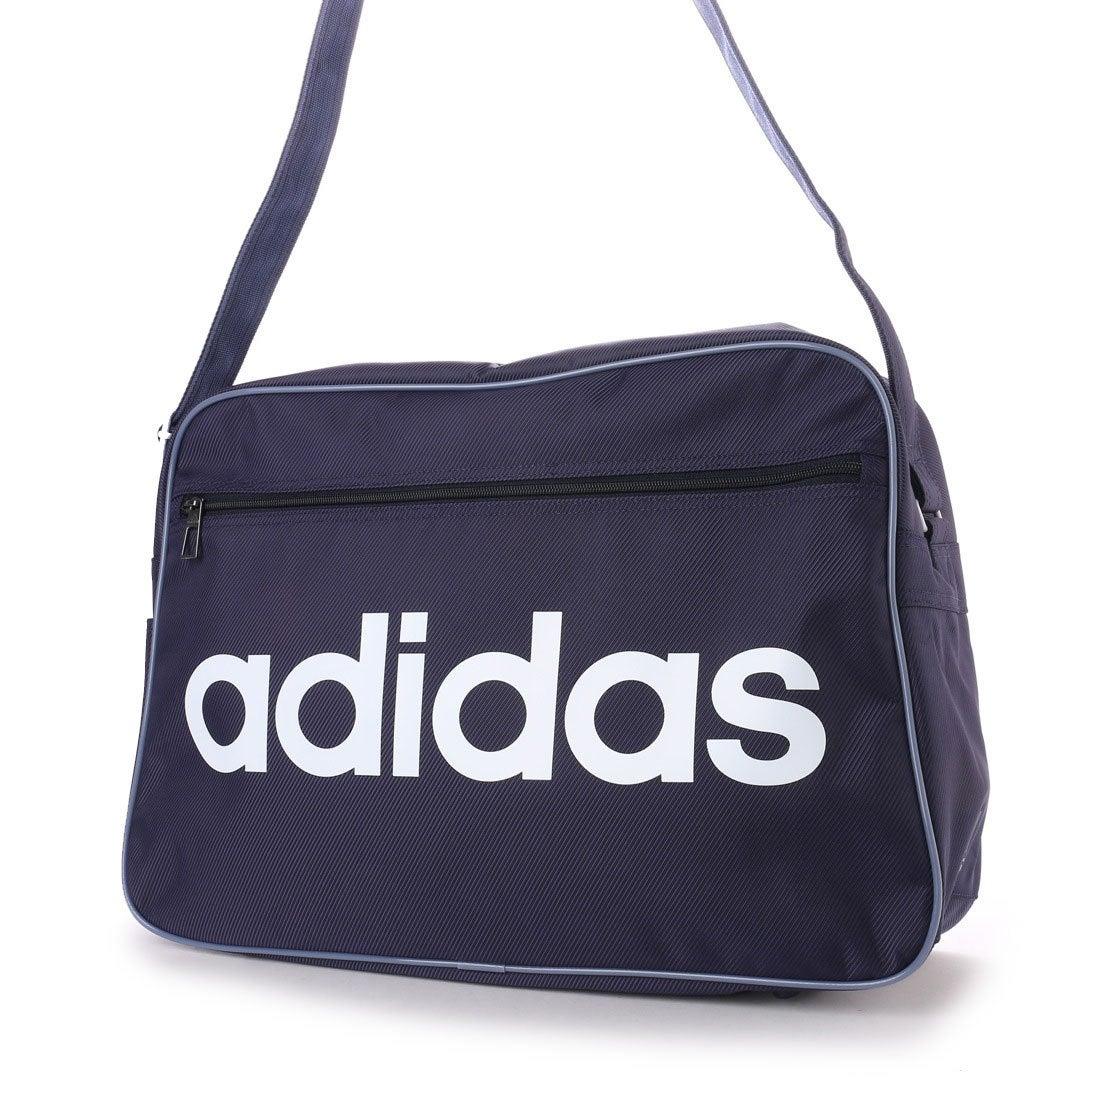 【SALE 44%OFF】アディダス adidas ユニセックス エナメルバッグ リニアエナメルショルダーL CF5523 567 レディース メンズ